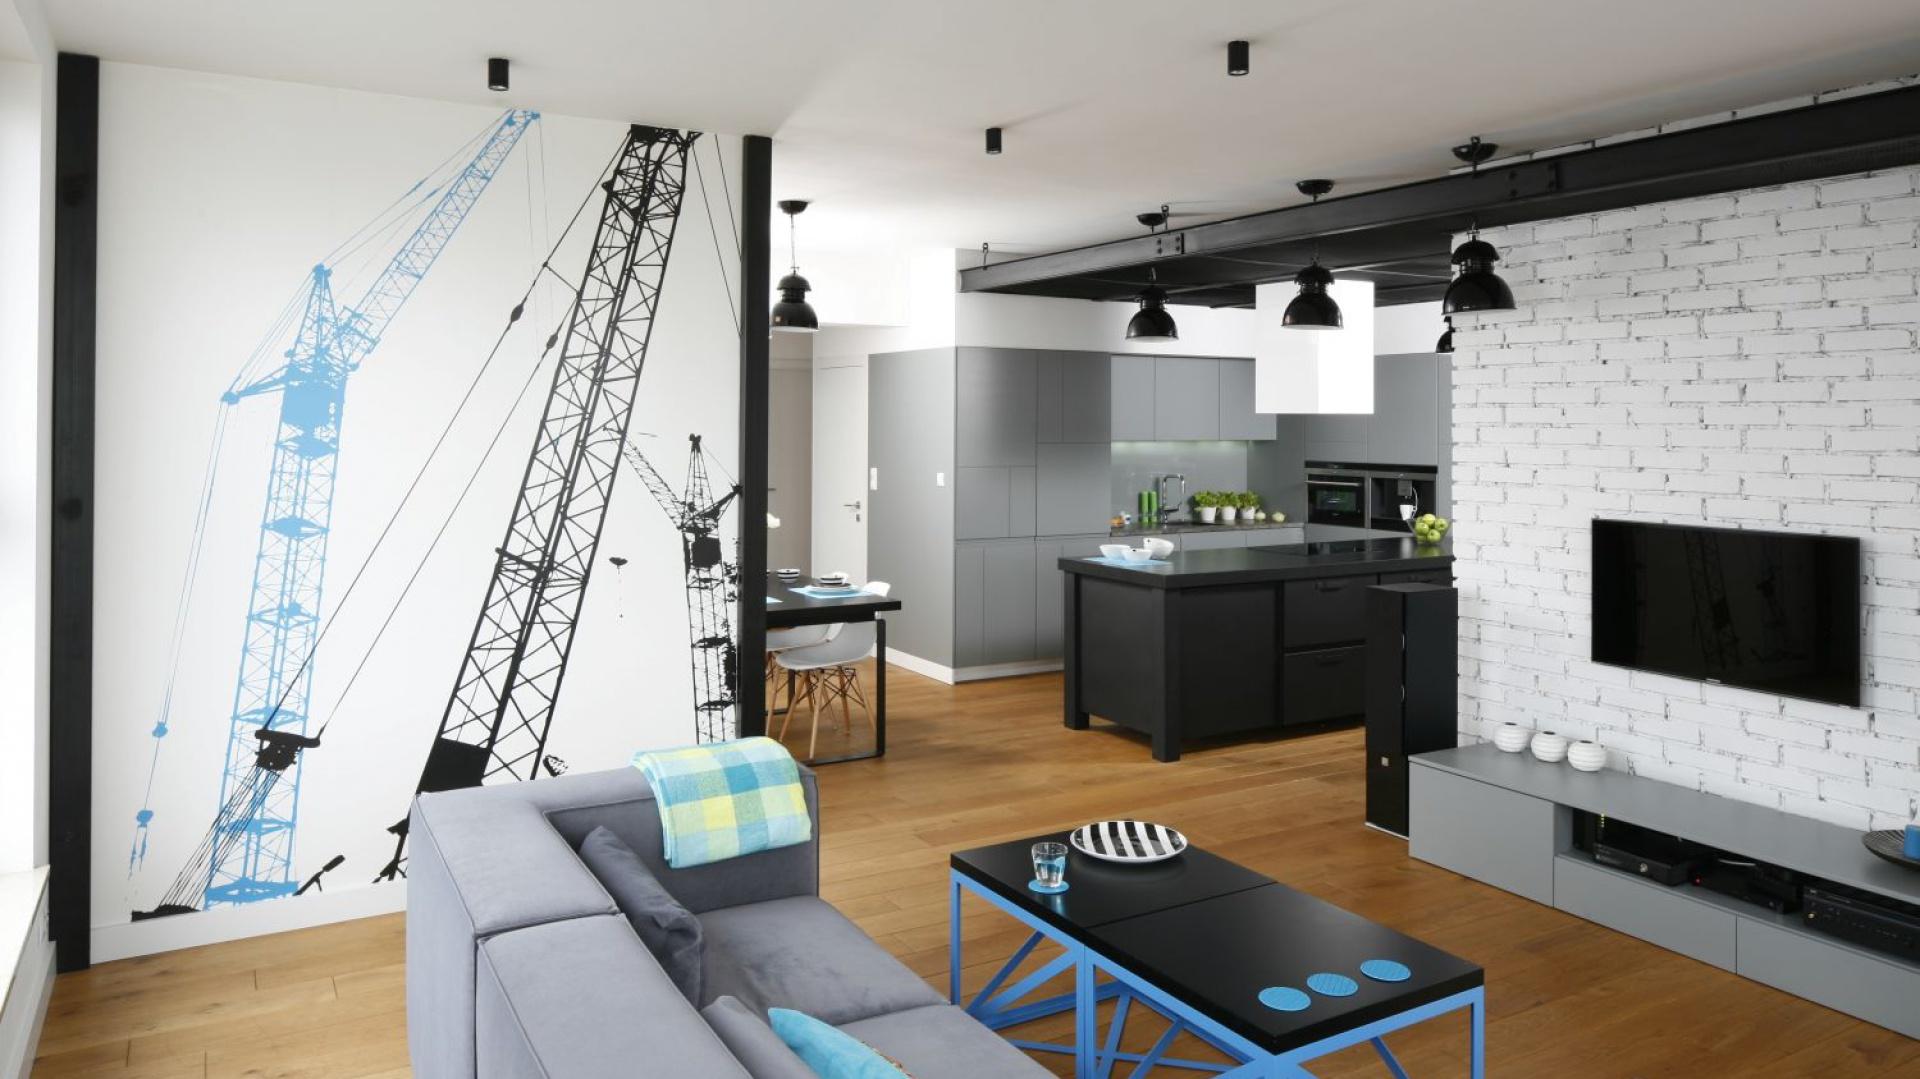 Wnętrze w minimalistycznym, nieco loftowym stylu zdobi cegła na jednej ze ścian. Pięknie komponuje się z fototapetą i czarnymi elementami sufitu podwieszanego. Projekt: Monika i Adam Bronikowscy. Fot. Bartosz Jarosz